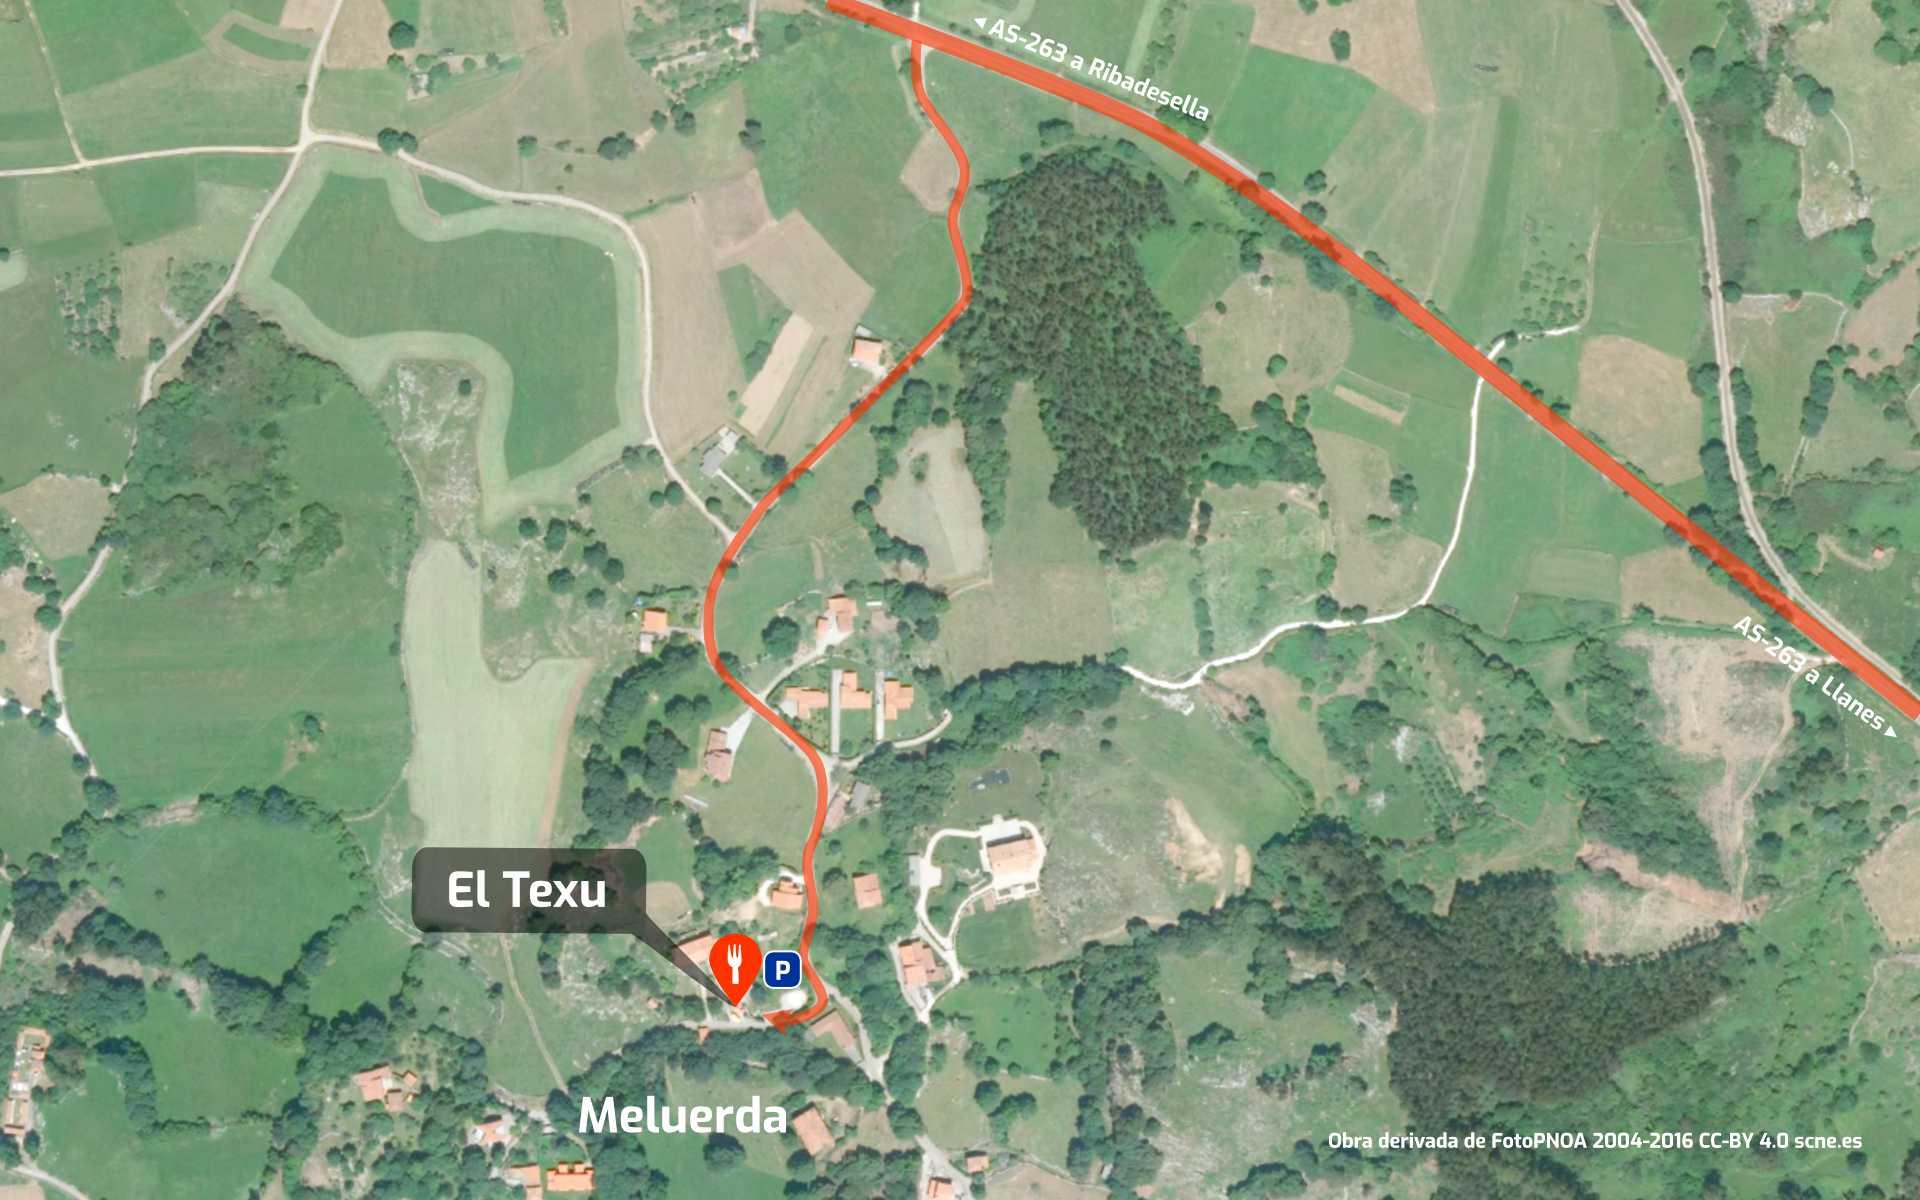 Mapa de cómo llegar al restaurante Sidrería El Texu en Meluerda, Ribadesella, Asturias.